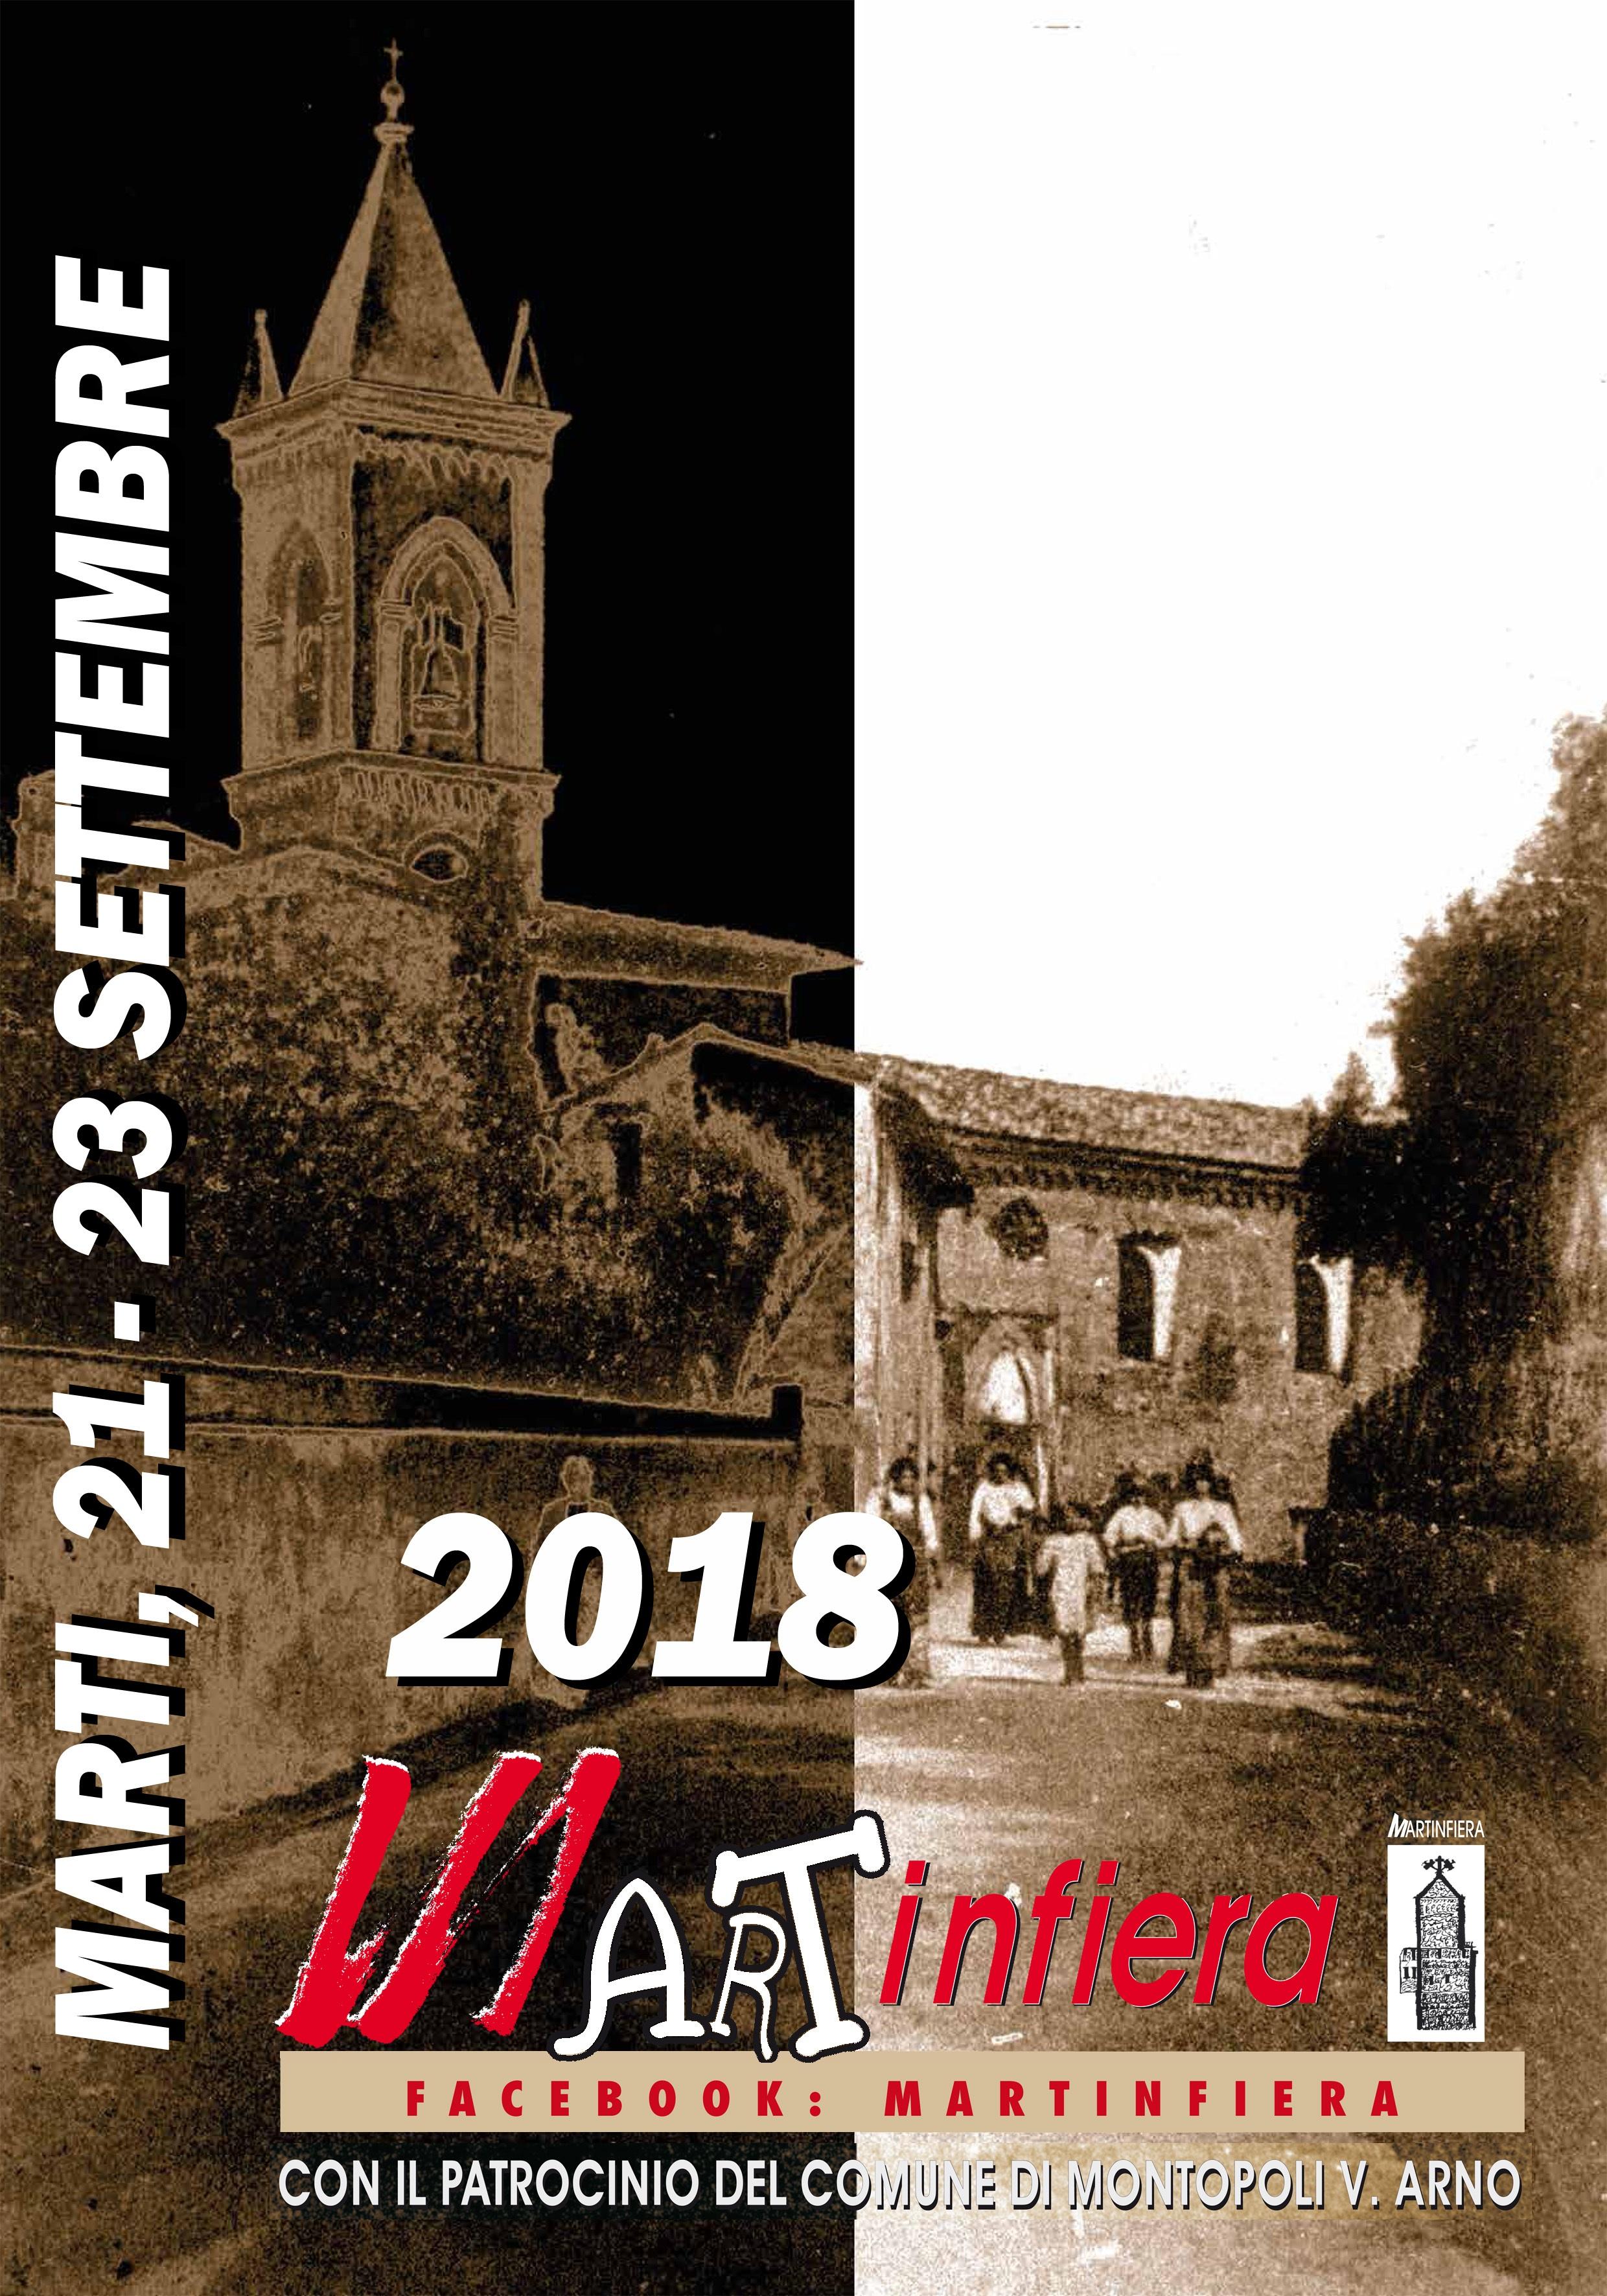 martinfiera 2018